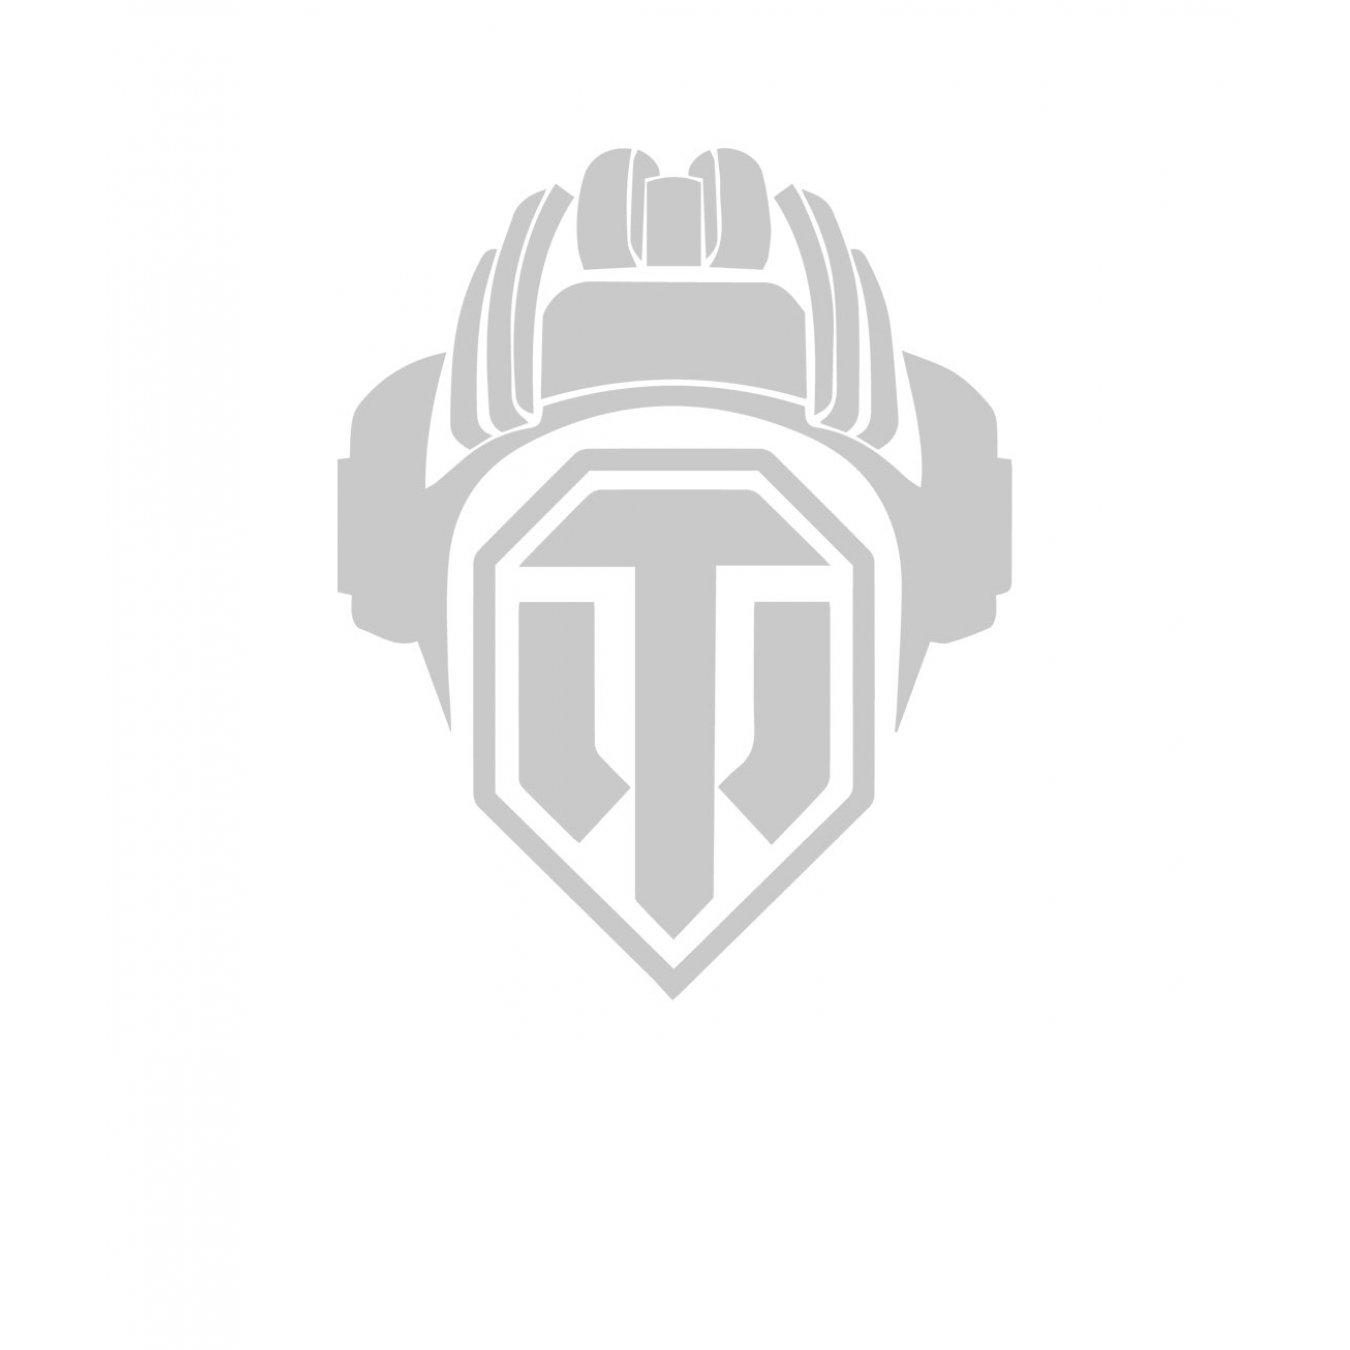 b50c9f9336b Тениска World of Tanks - БЯЛА с Лого Helmet на World of Tanks в Тематични  тениски